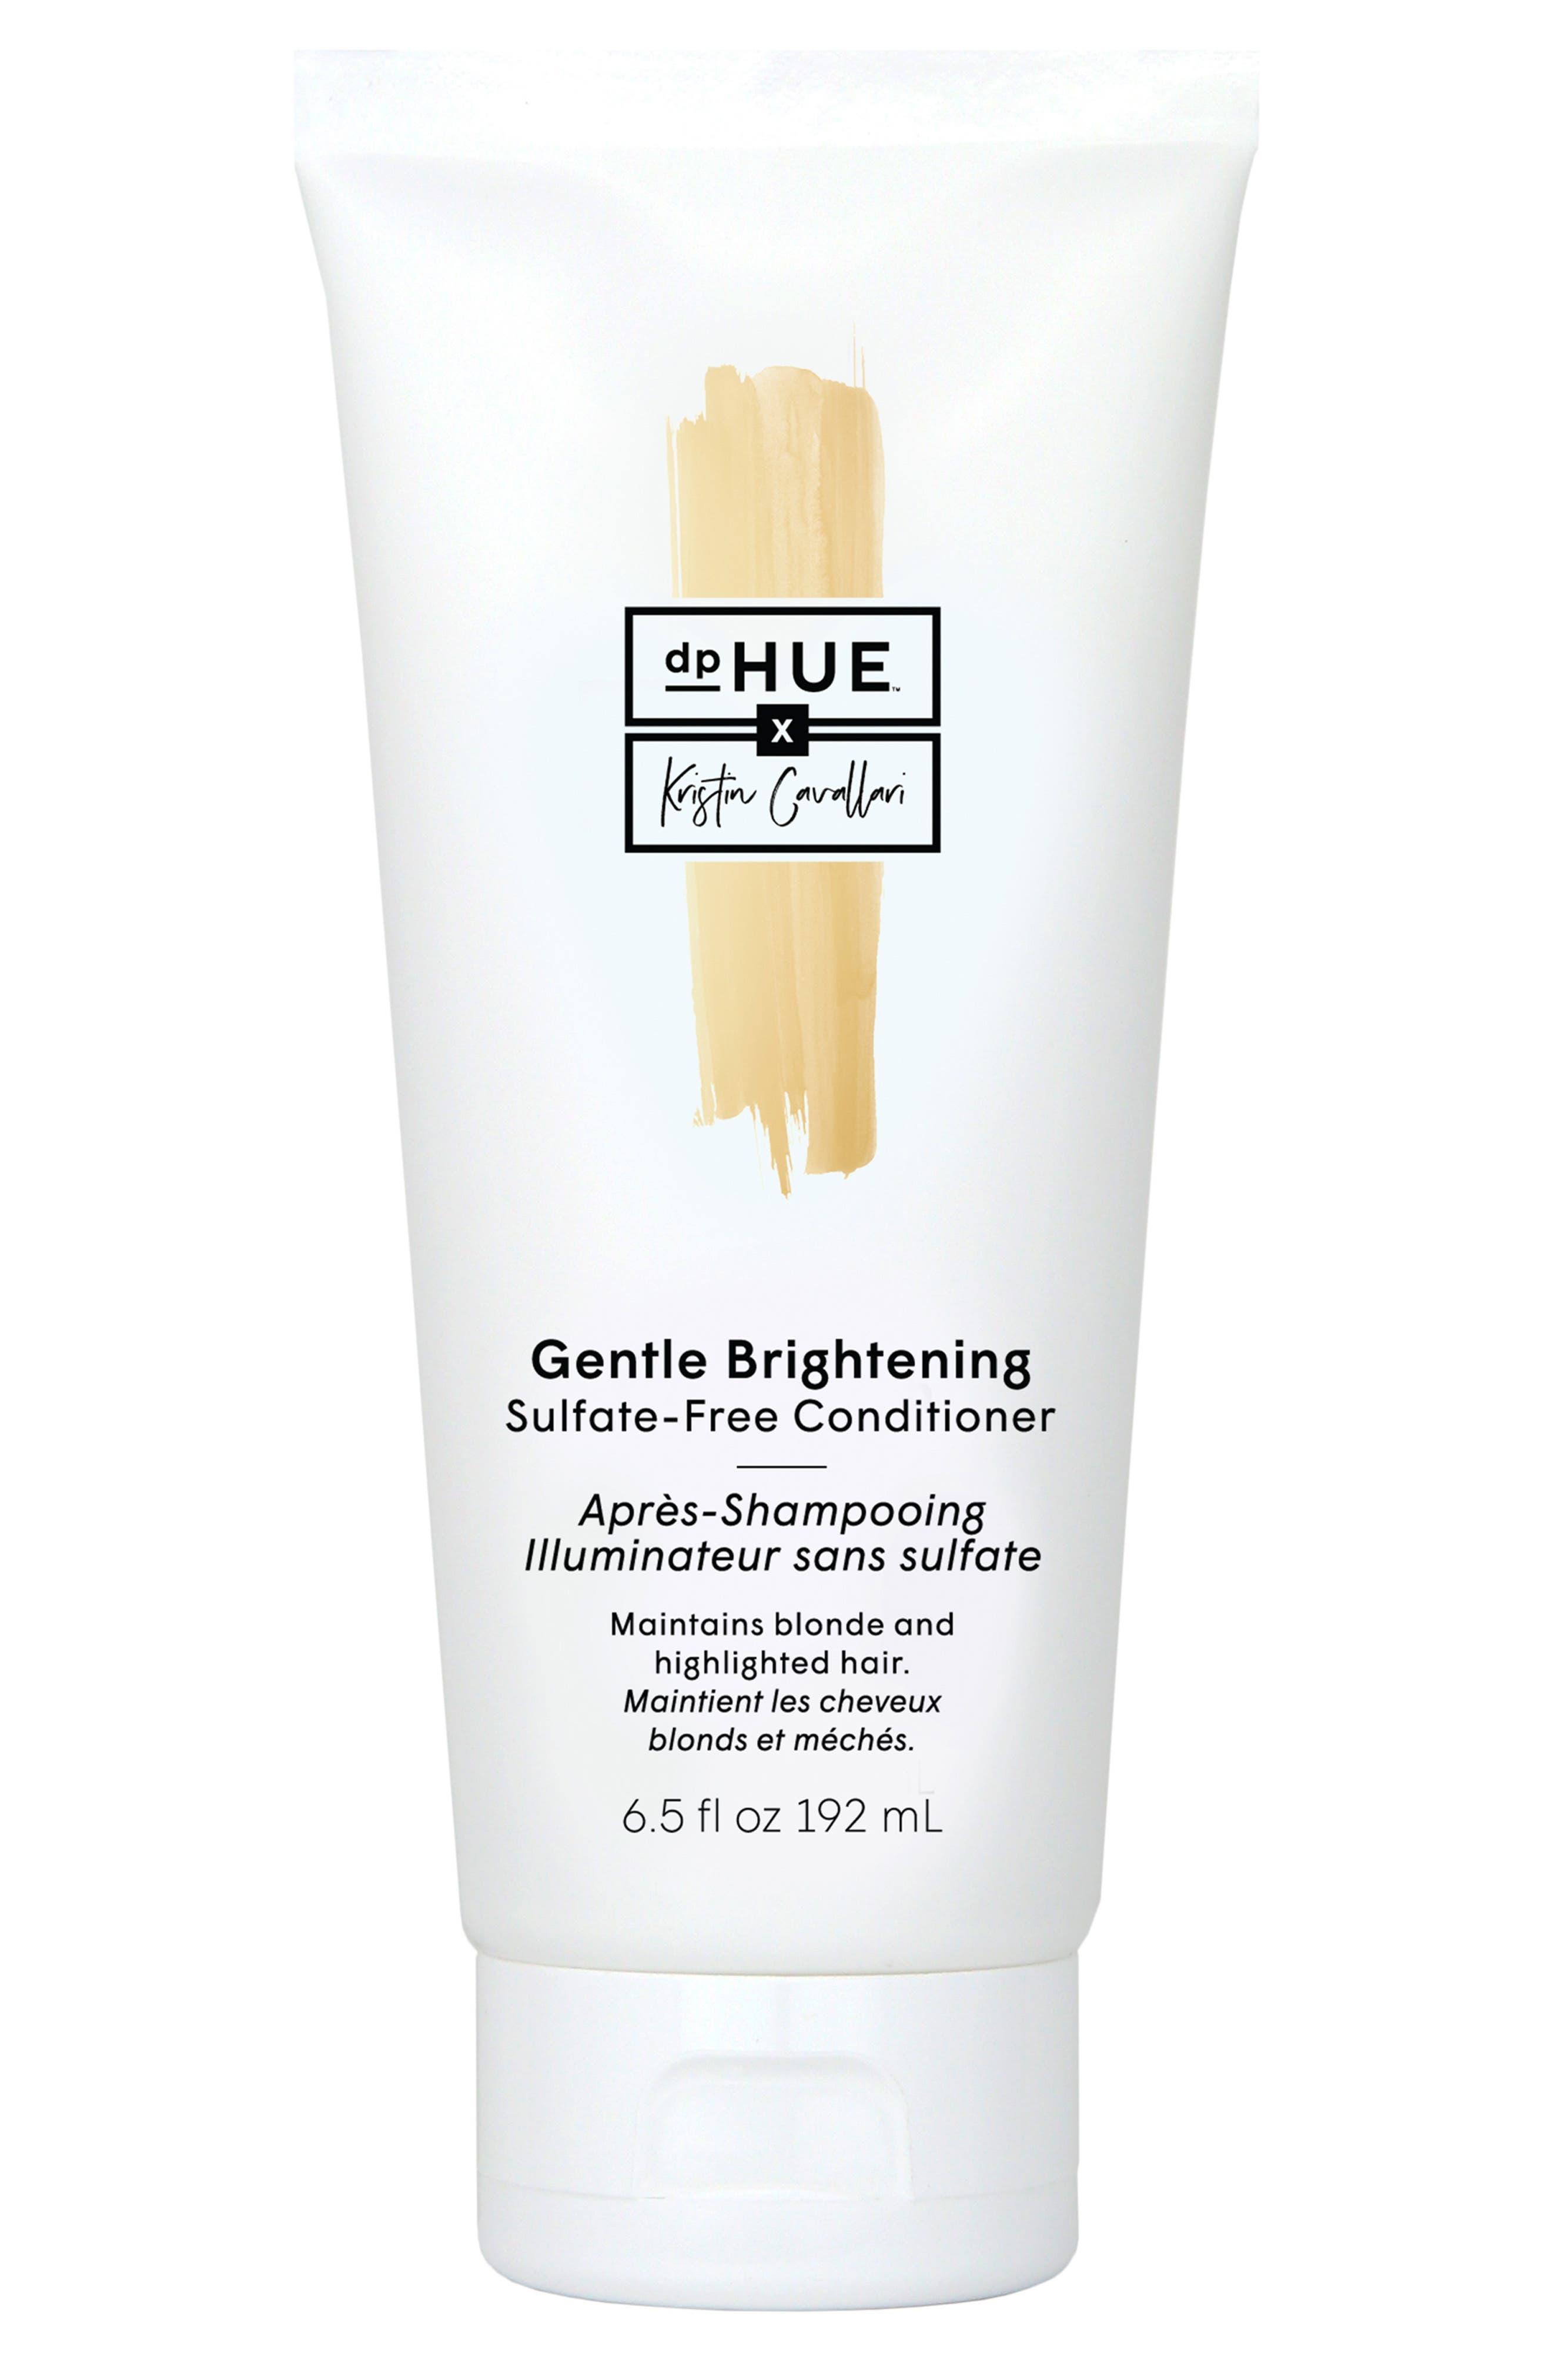 Gentle Brightening Sulfate-Free Conditioner